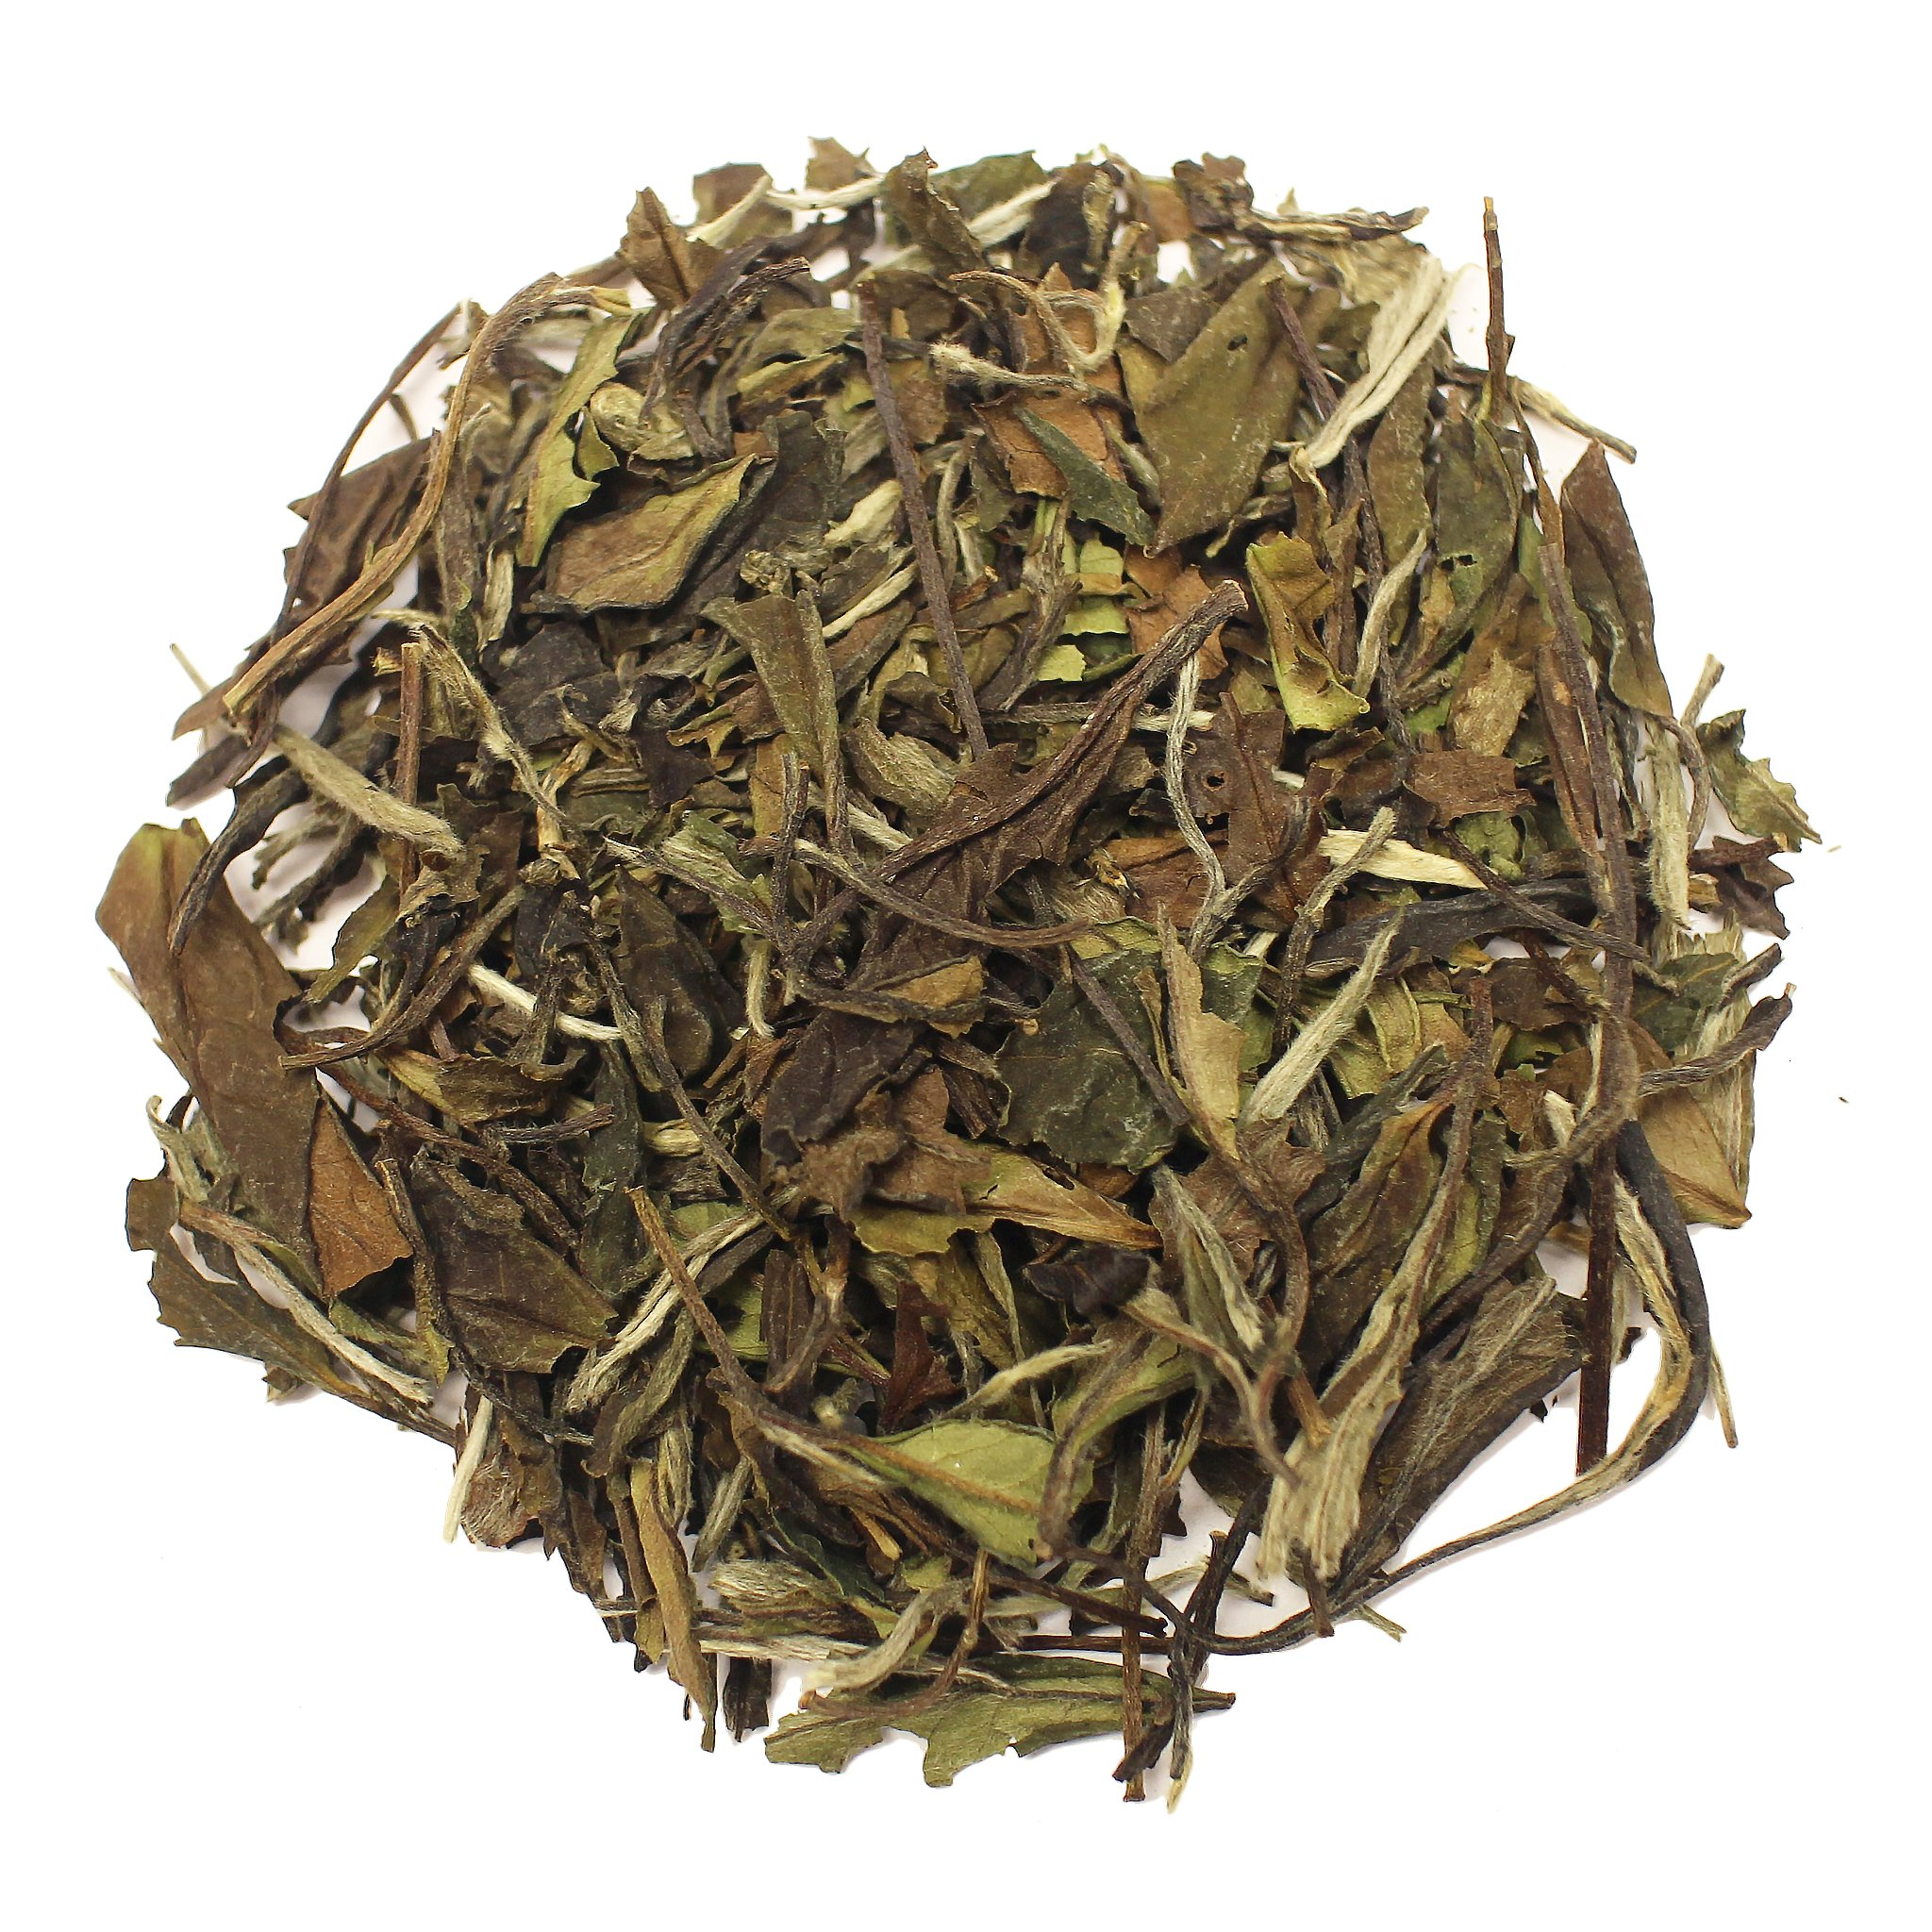 The Tea Farm - White Peony White Tea - Chinese Loose Leaf White Tea (16 Ounce Bag) by The Tea Farm